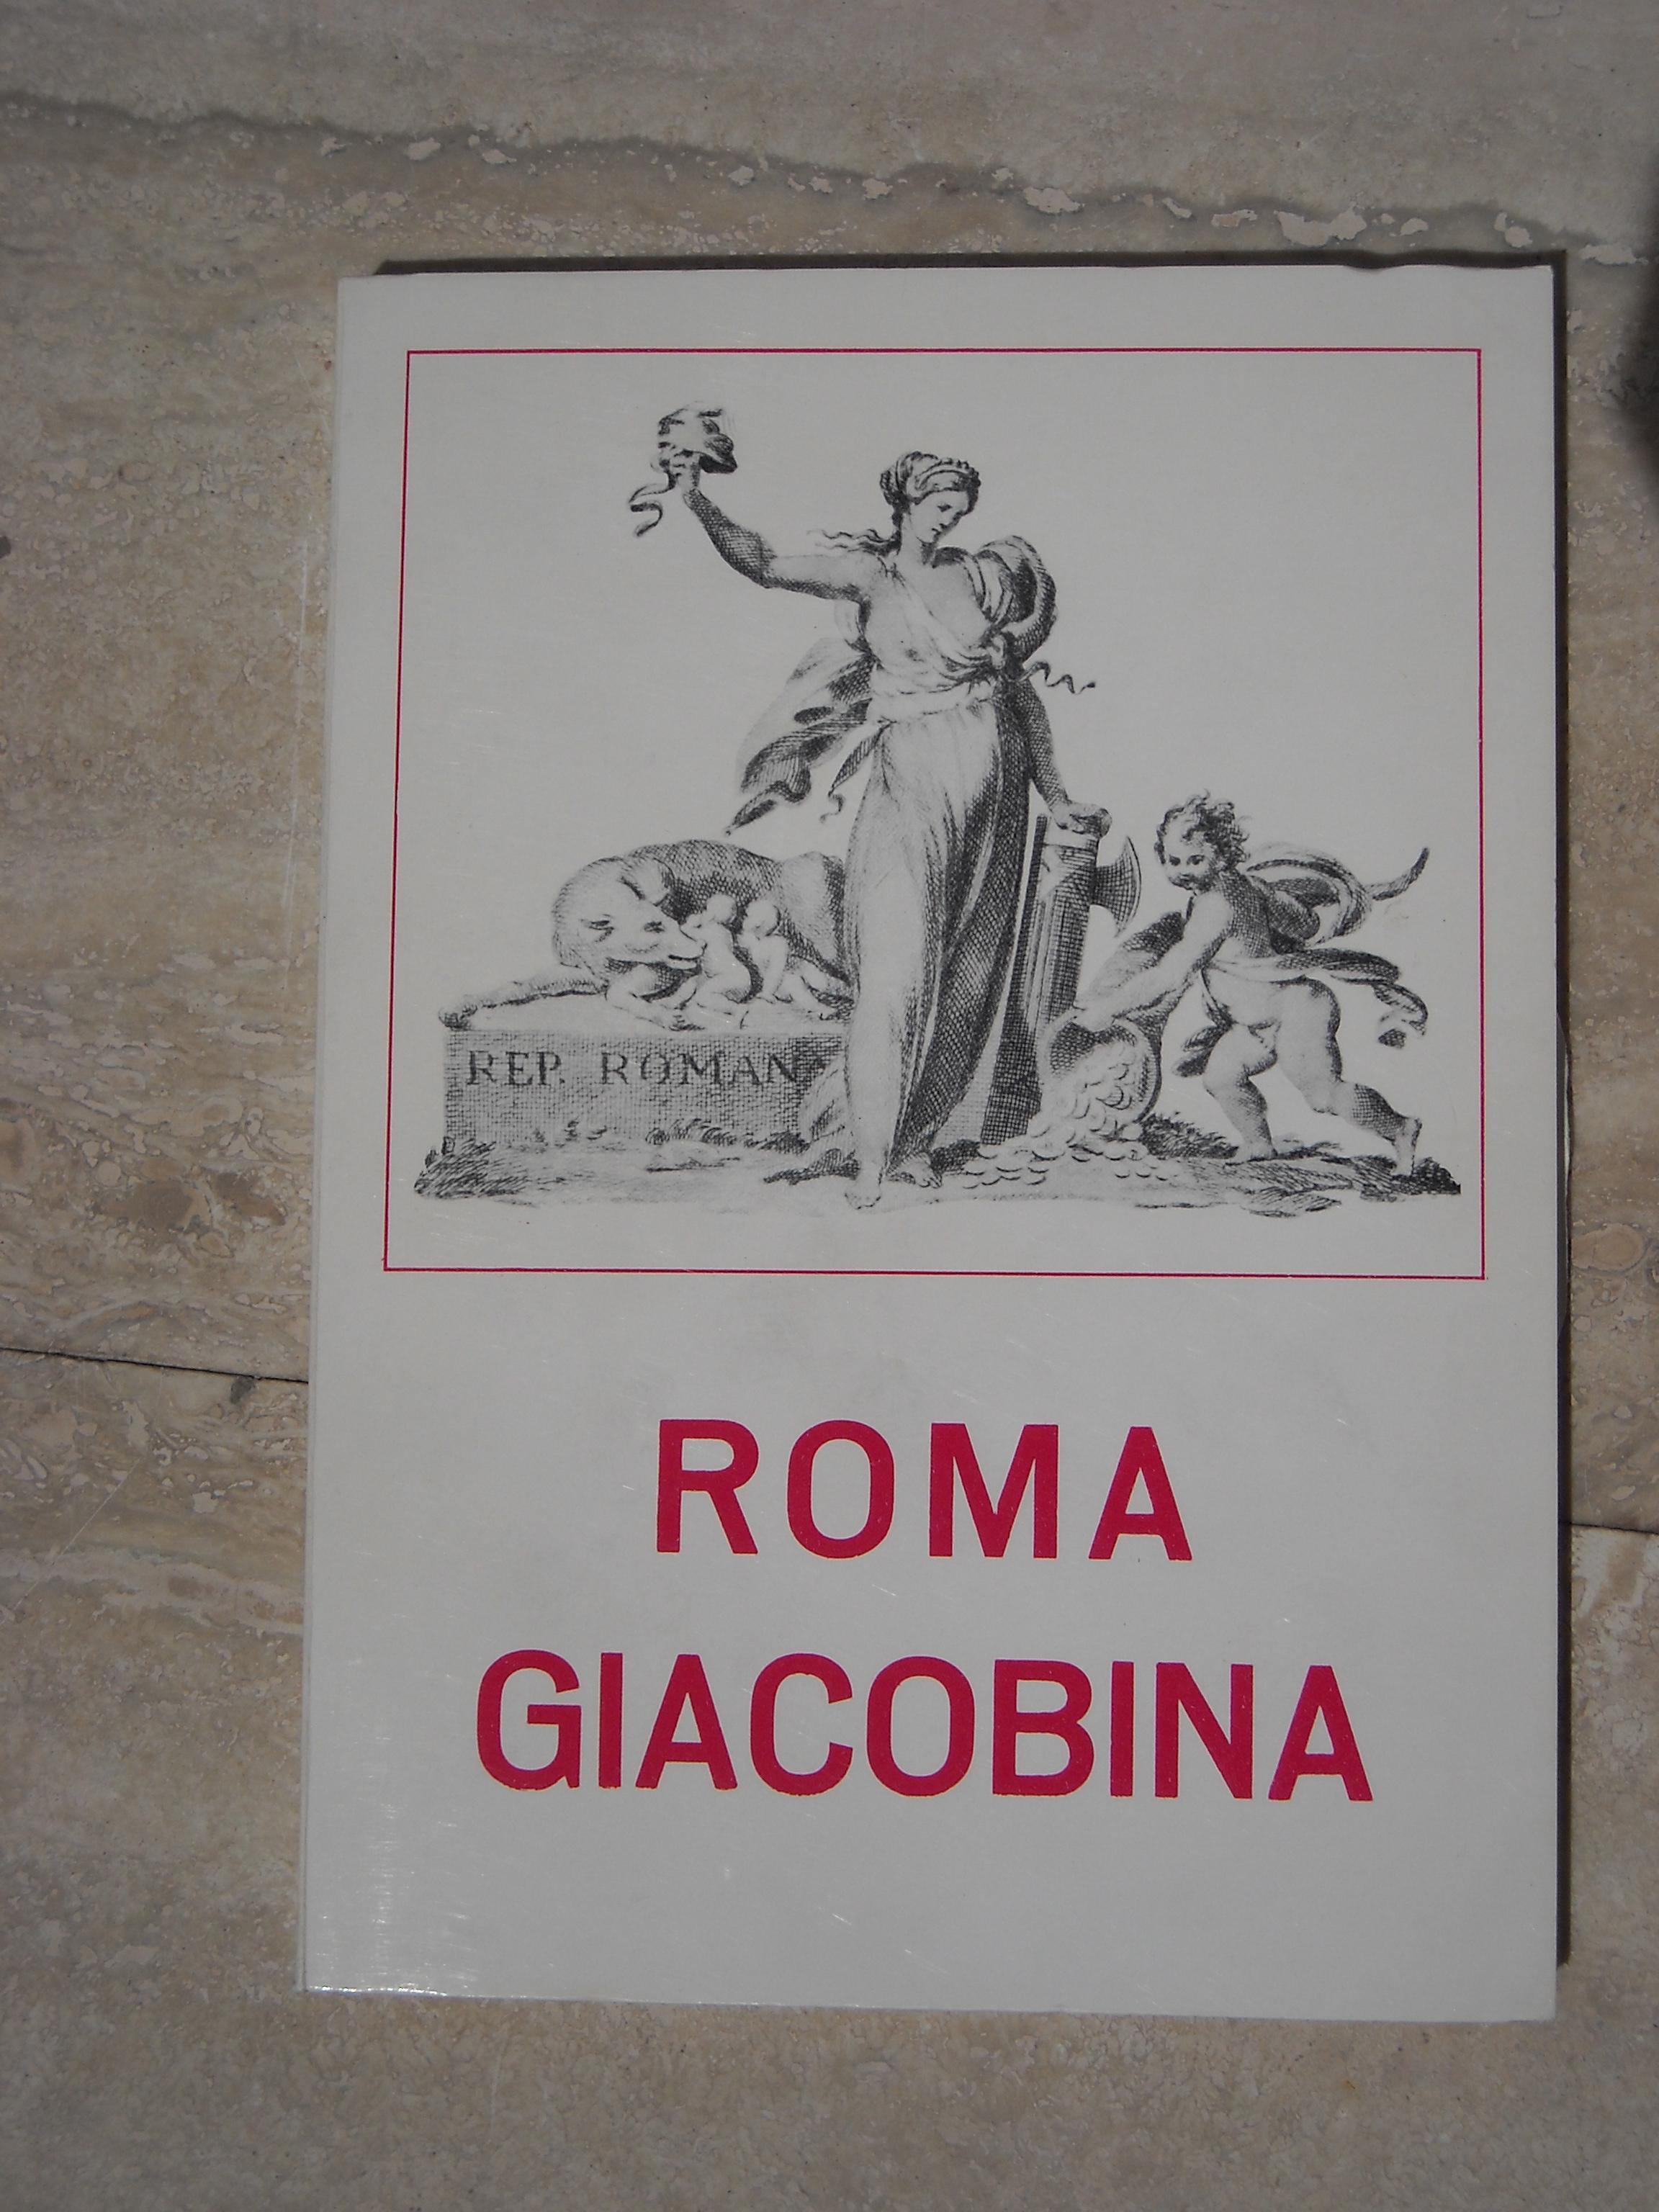 Roma Giacobina